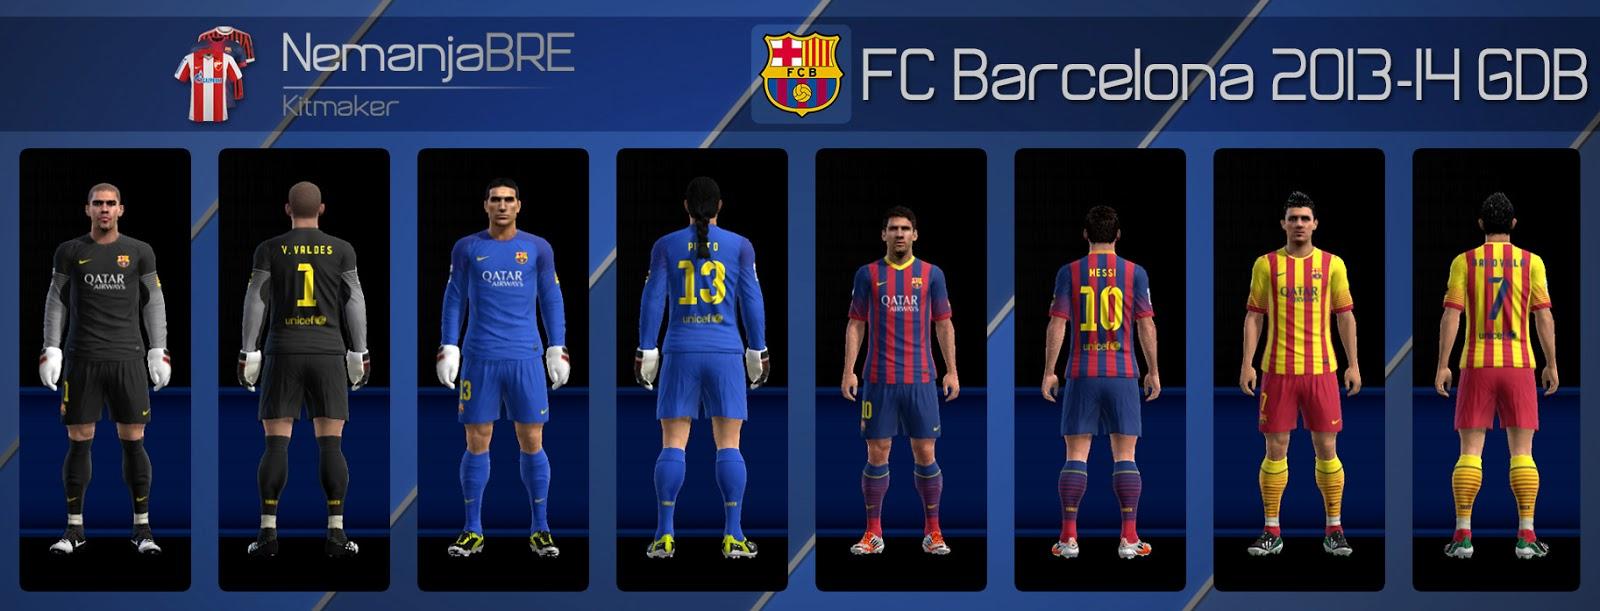 Barcelona 2013-14 Kitset - PES 2013